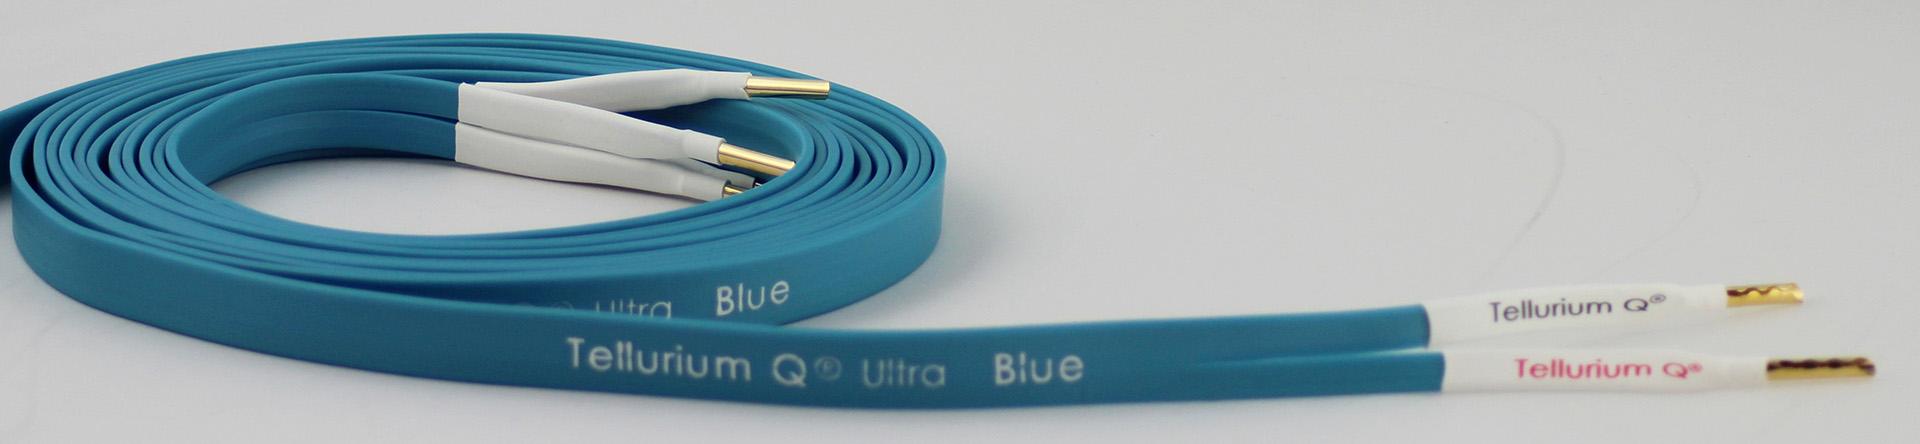 Tellurium Q | Ultra Blue